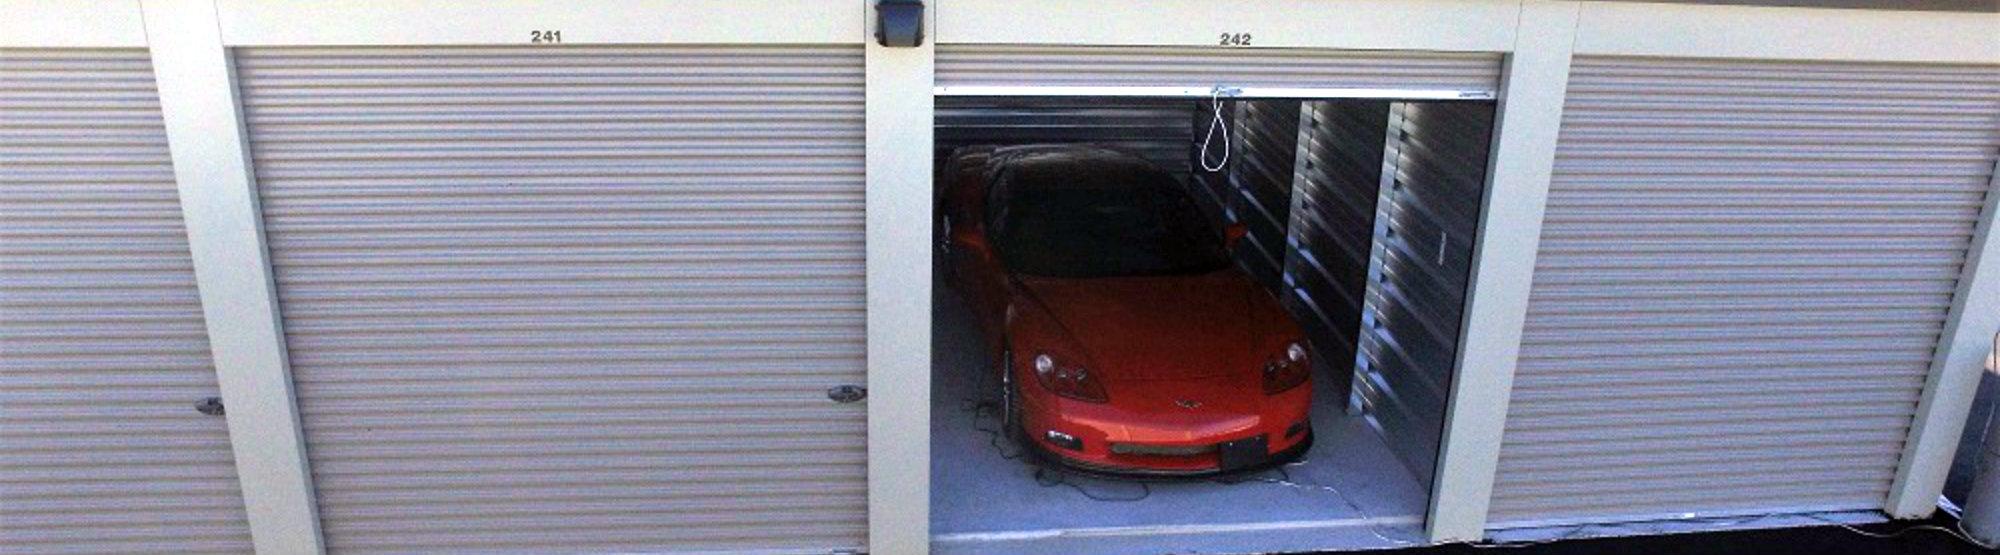 Automobile Storage in DeForest, WI